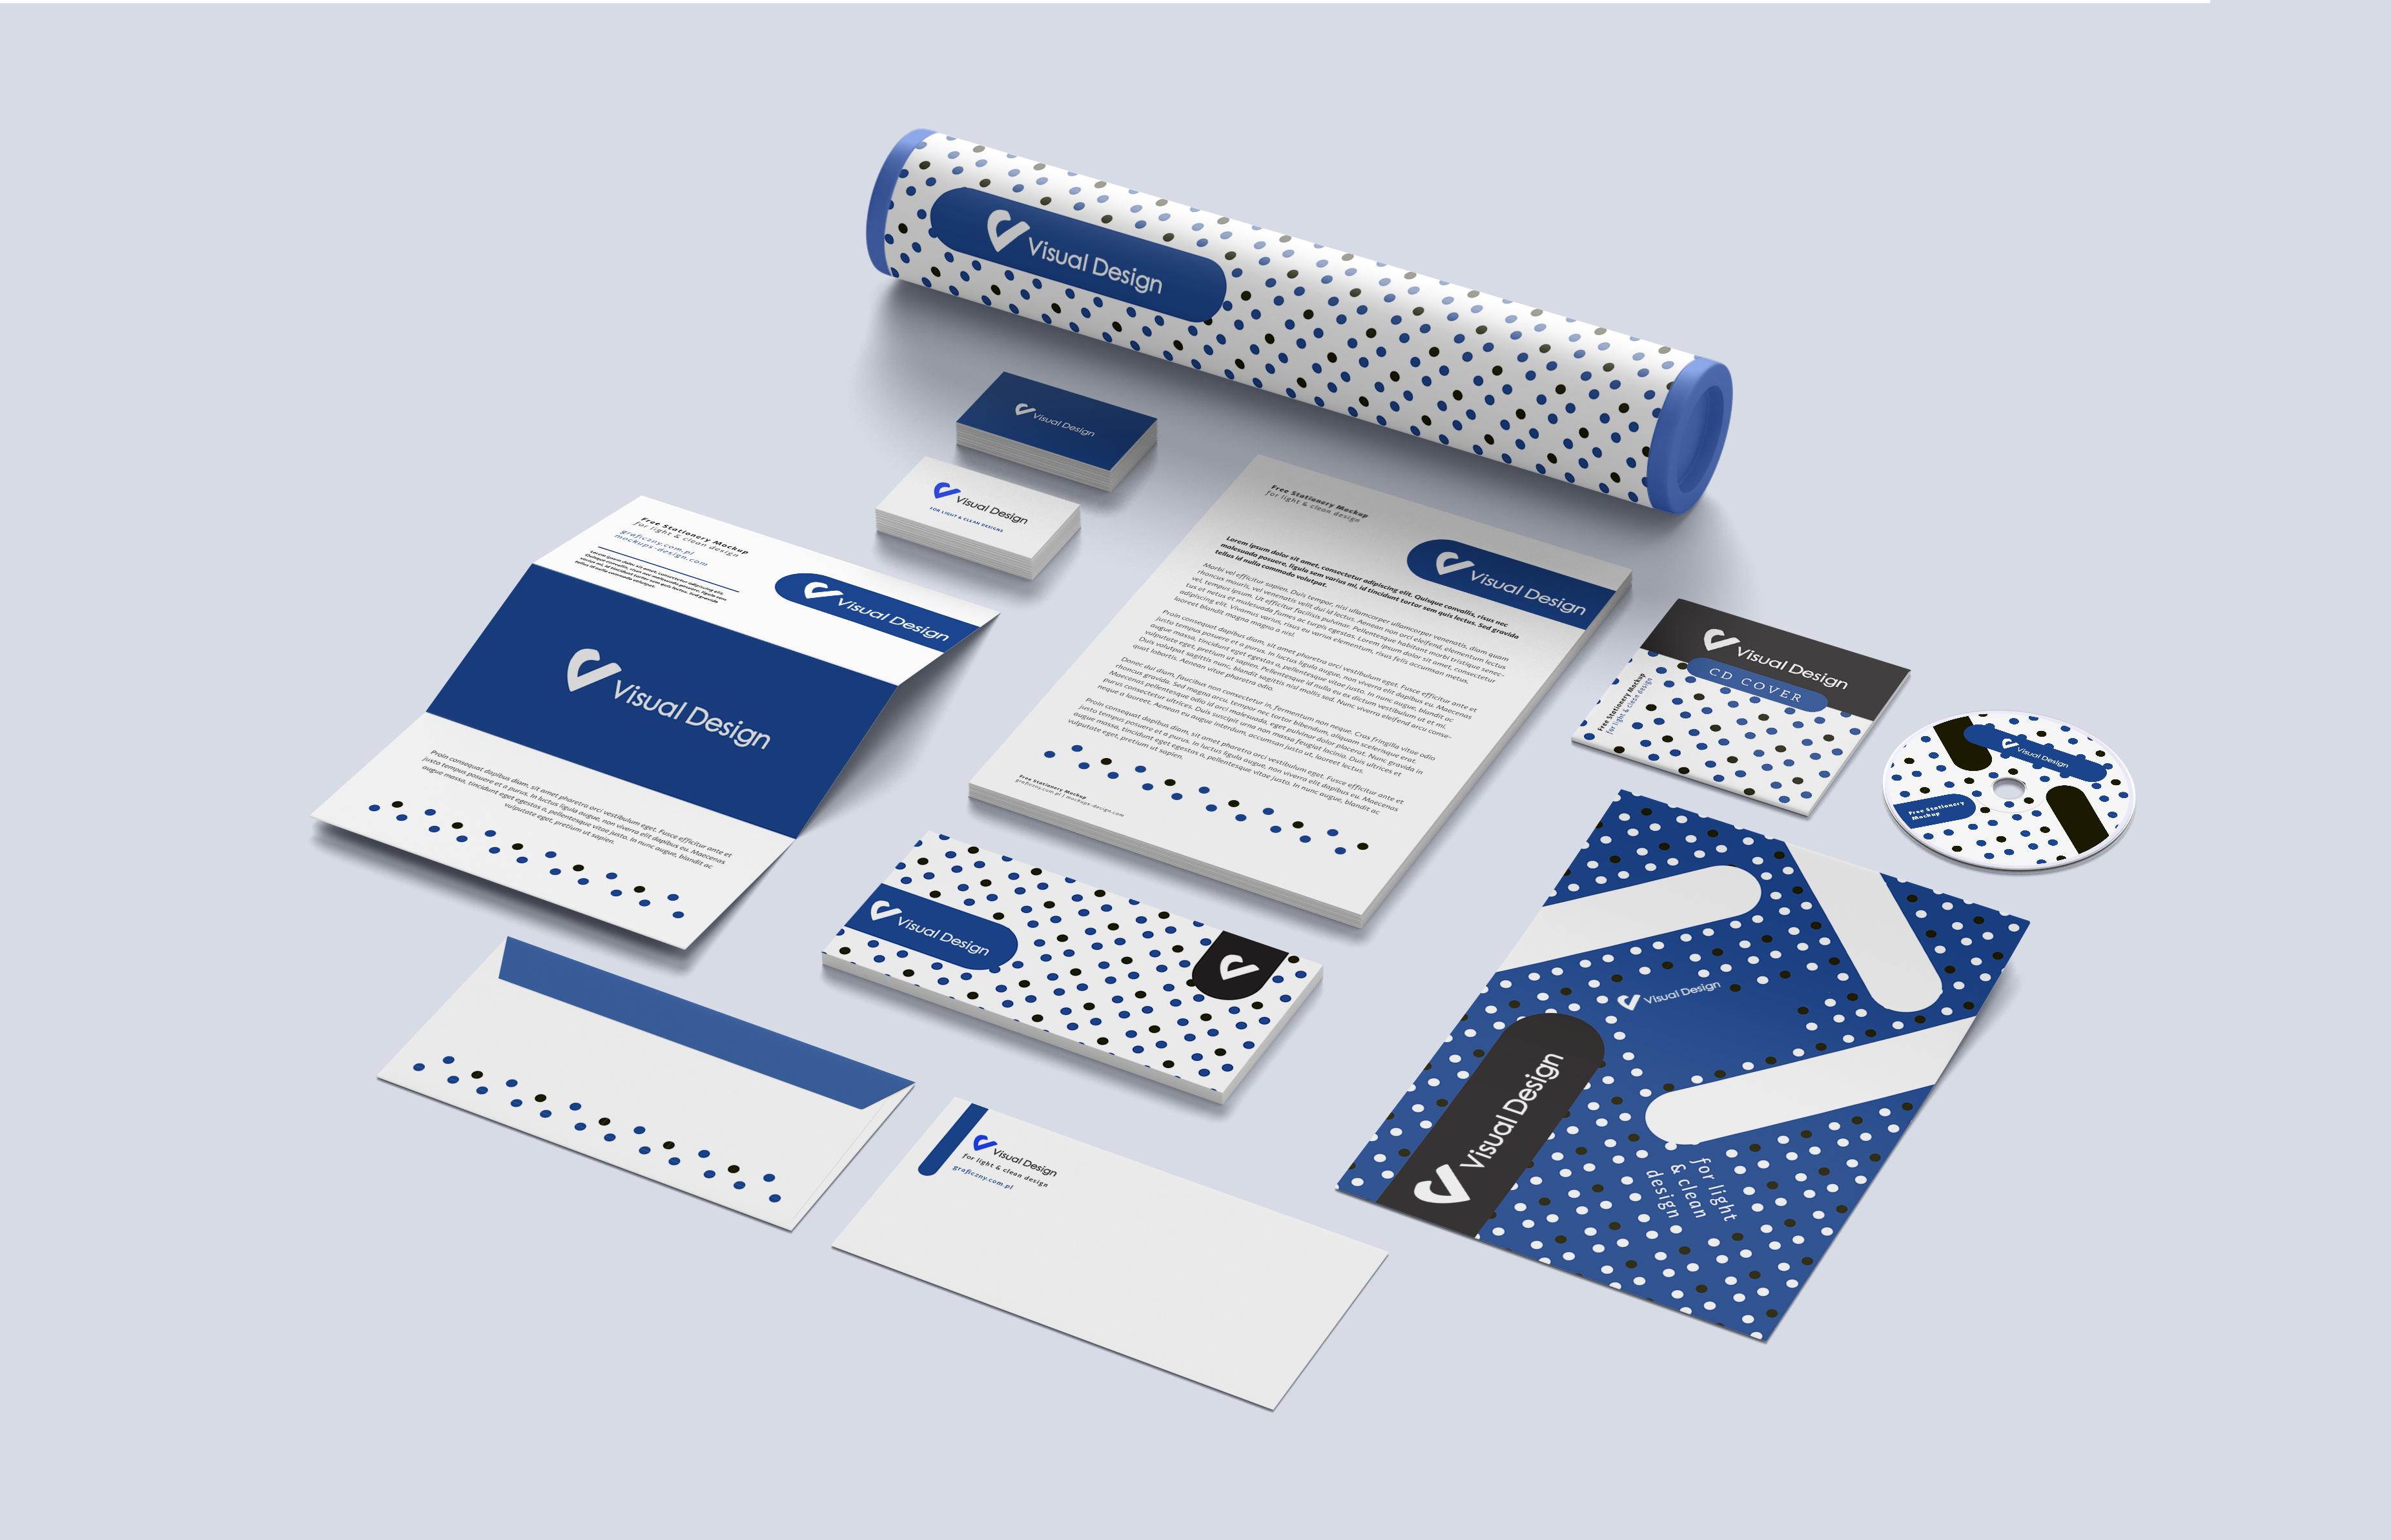 品牌VI系统设计